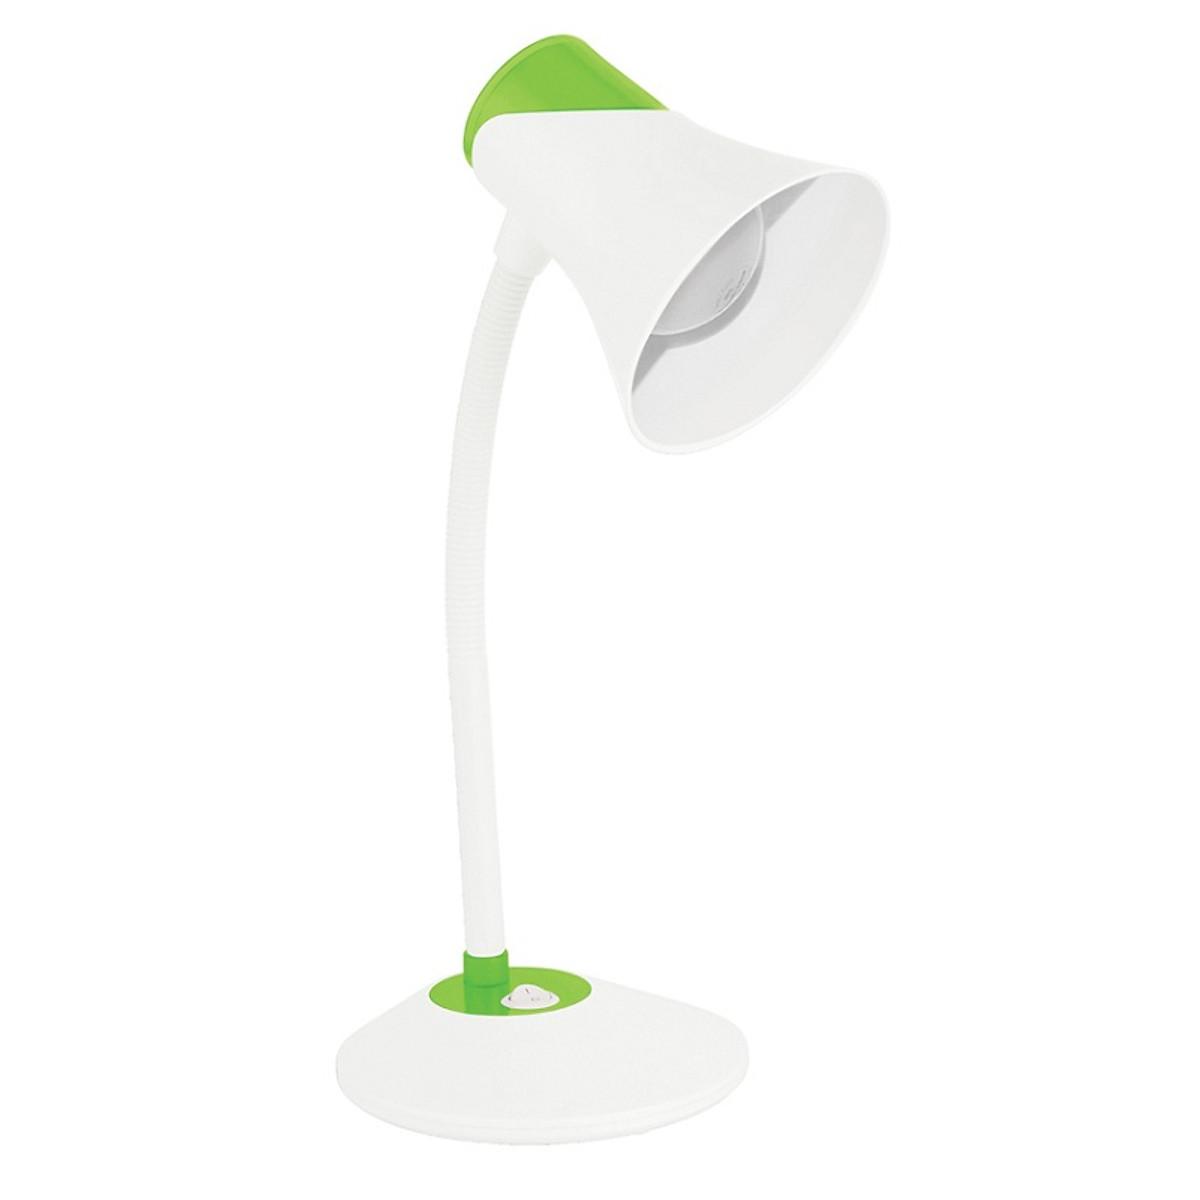 Hình đại diện sản phẩm Đèn bàn bảo vệ thị lực ĐQ chống cận ( ánh sáng trắng , màu xanh lá cây ,kích thước nhỏ gọn phối màu trang nhã